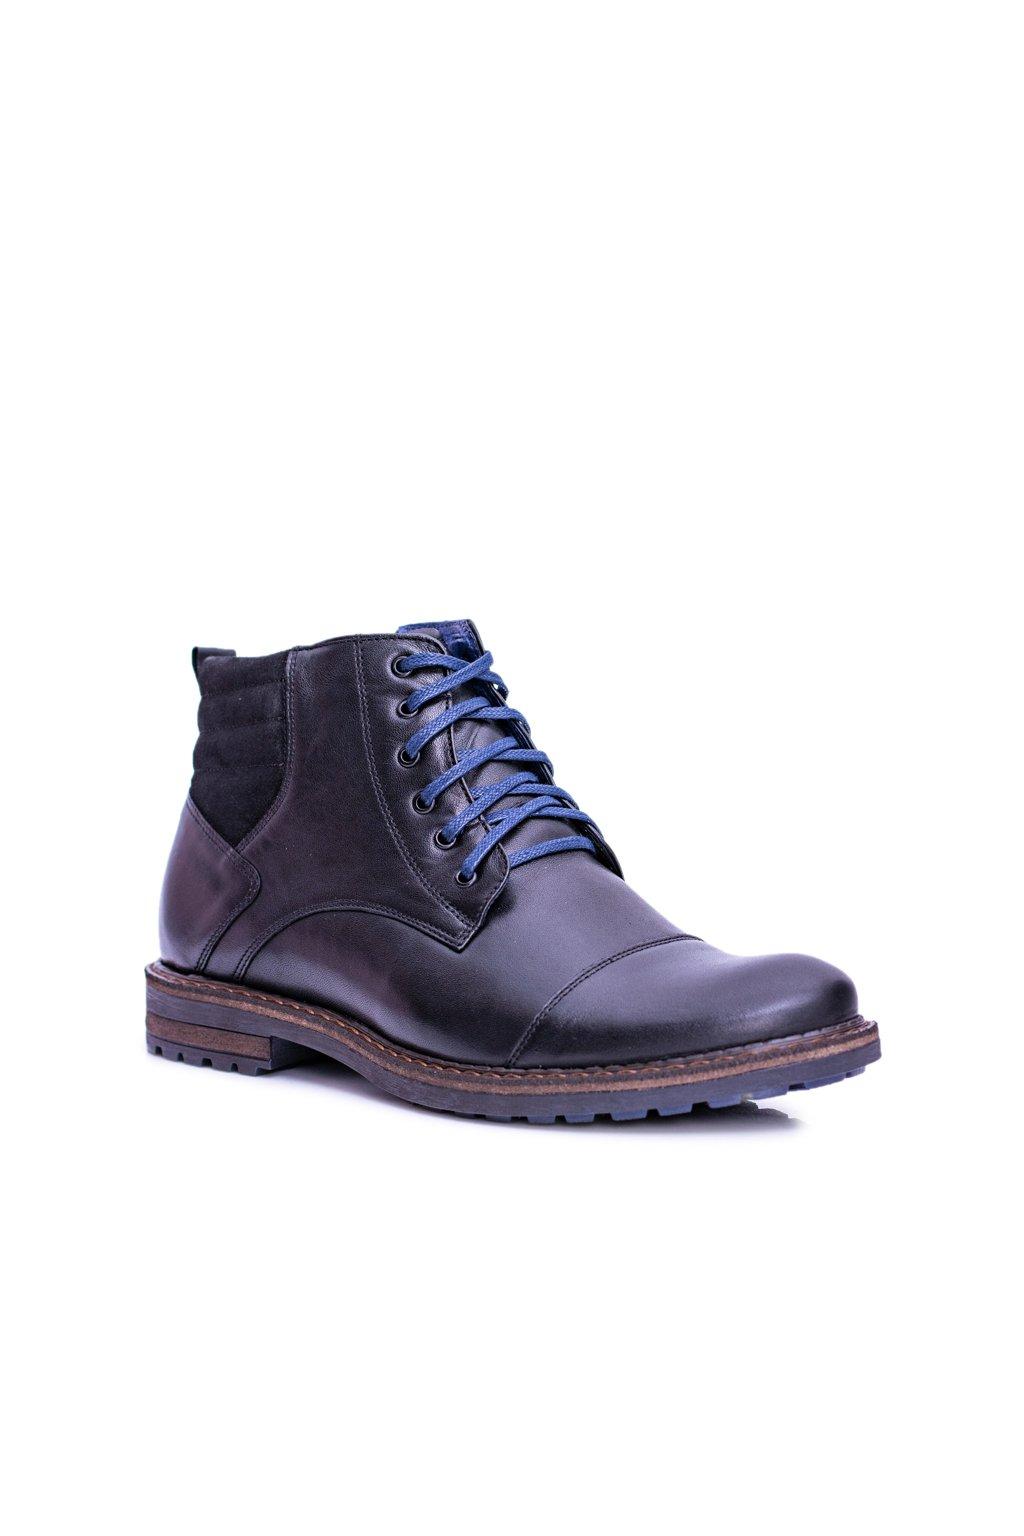 Nikopol Čierne kožené pánske vysoké topánky so zipsom Ford